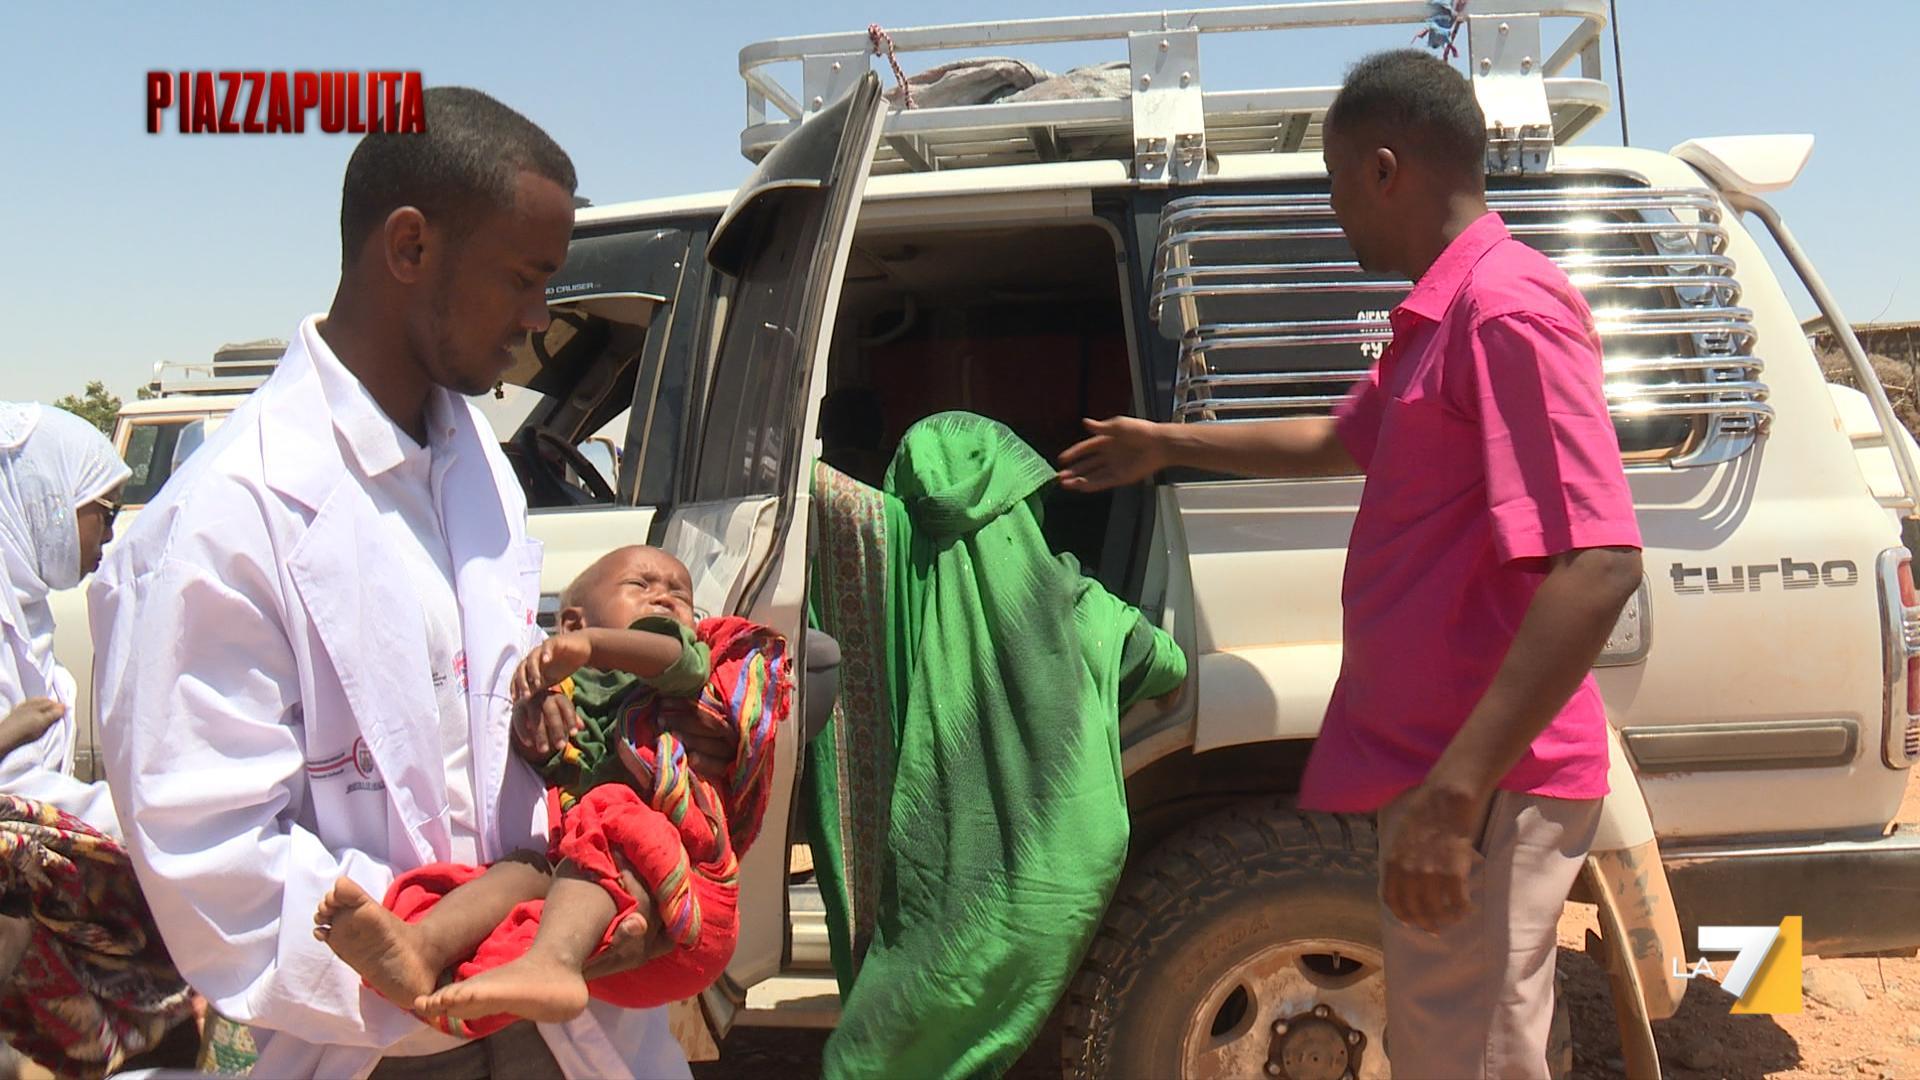 A nord della Somalia, nel Paese che non esiste, dove non pio